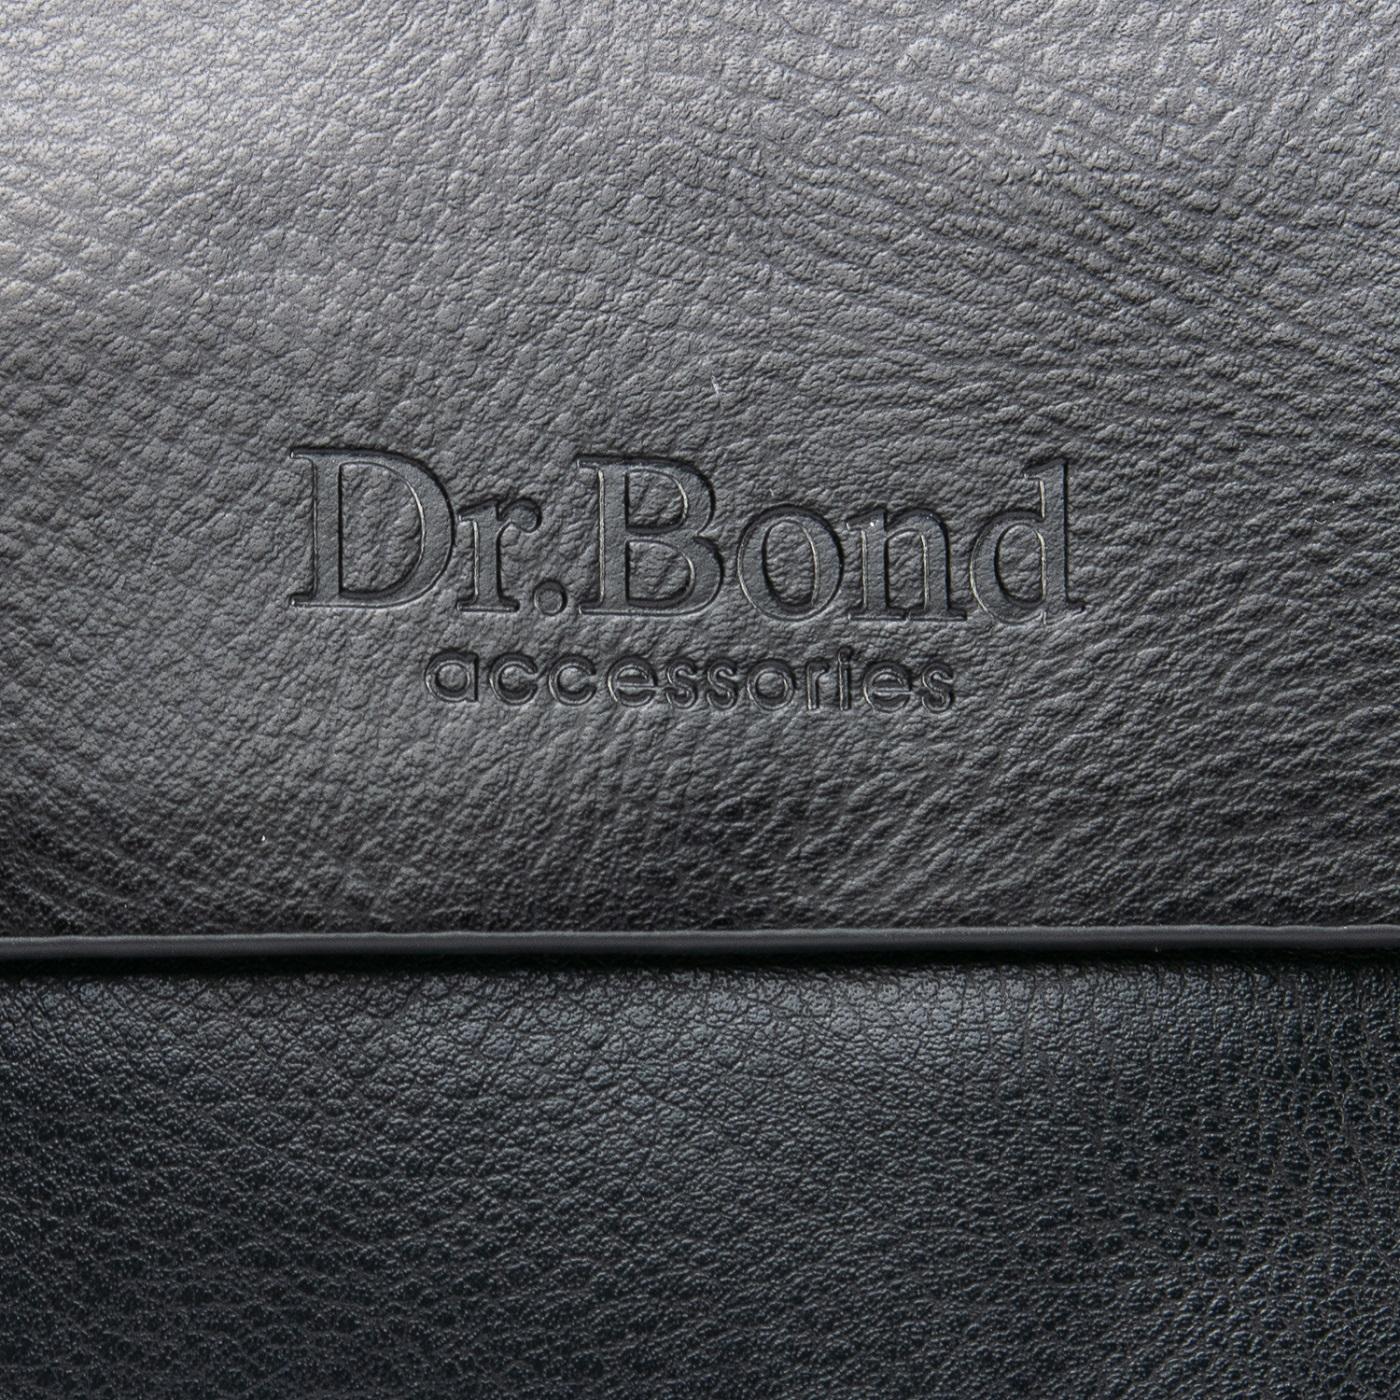 Сумка Мужская Планшет иск-кожа DR. BOND GL 308-1 black - фото 3